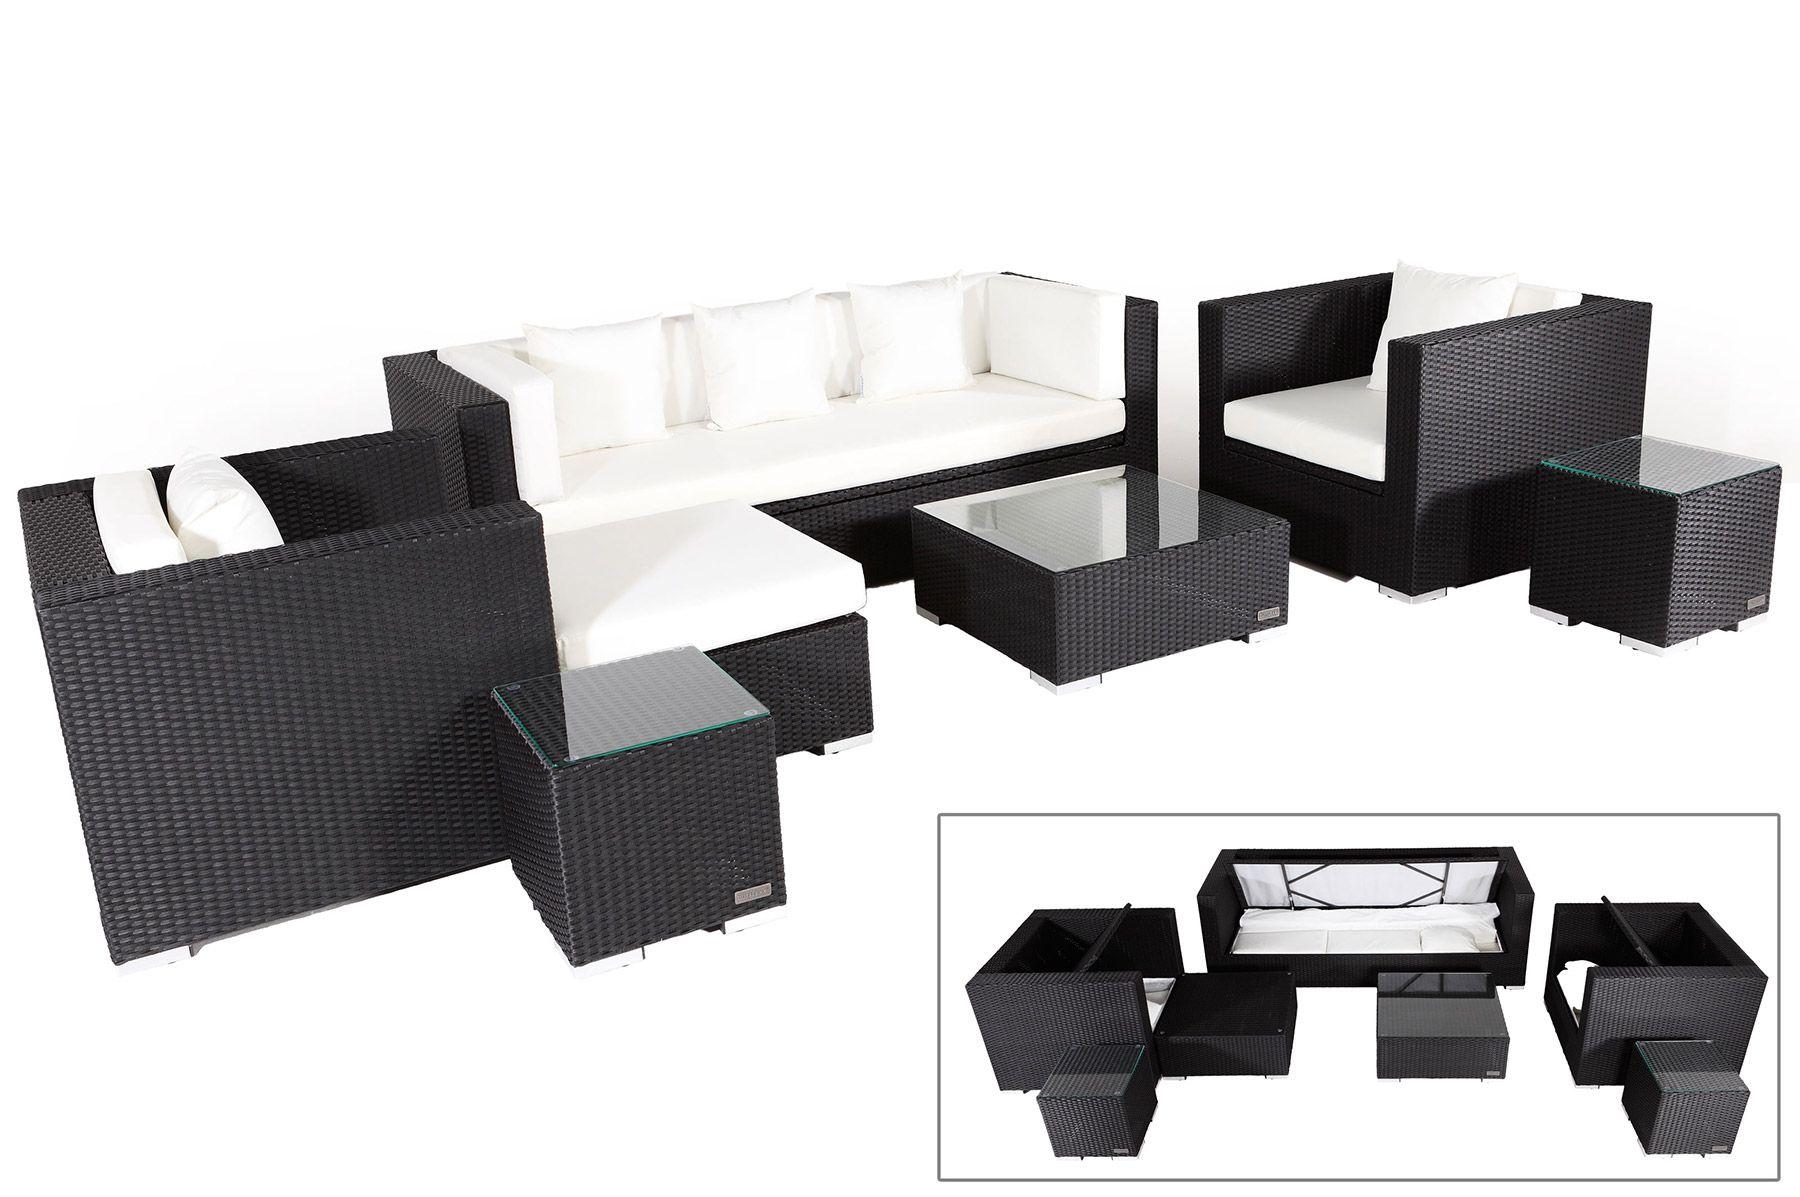 Free Outflexx Gartenmbel Rattan Lounge Set With Gartenmbel Rattan Lounge